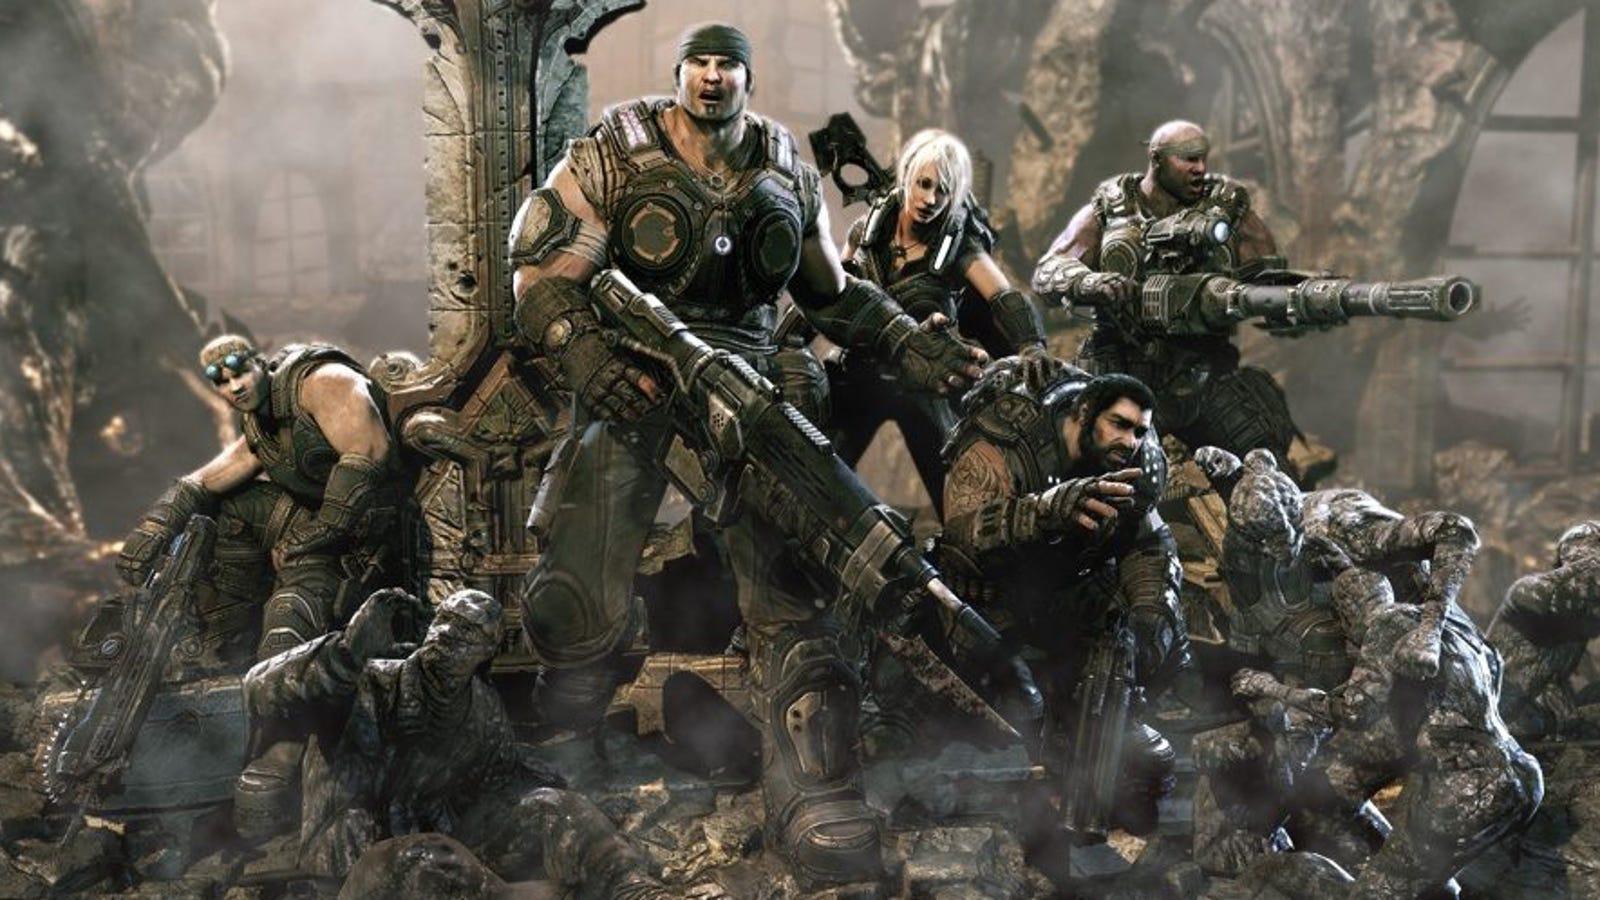 La épica película sobre Gears of War que aún no has visto